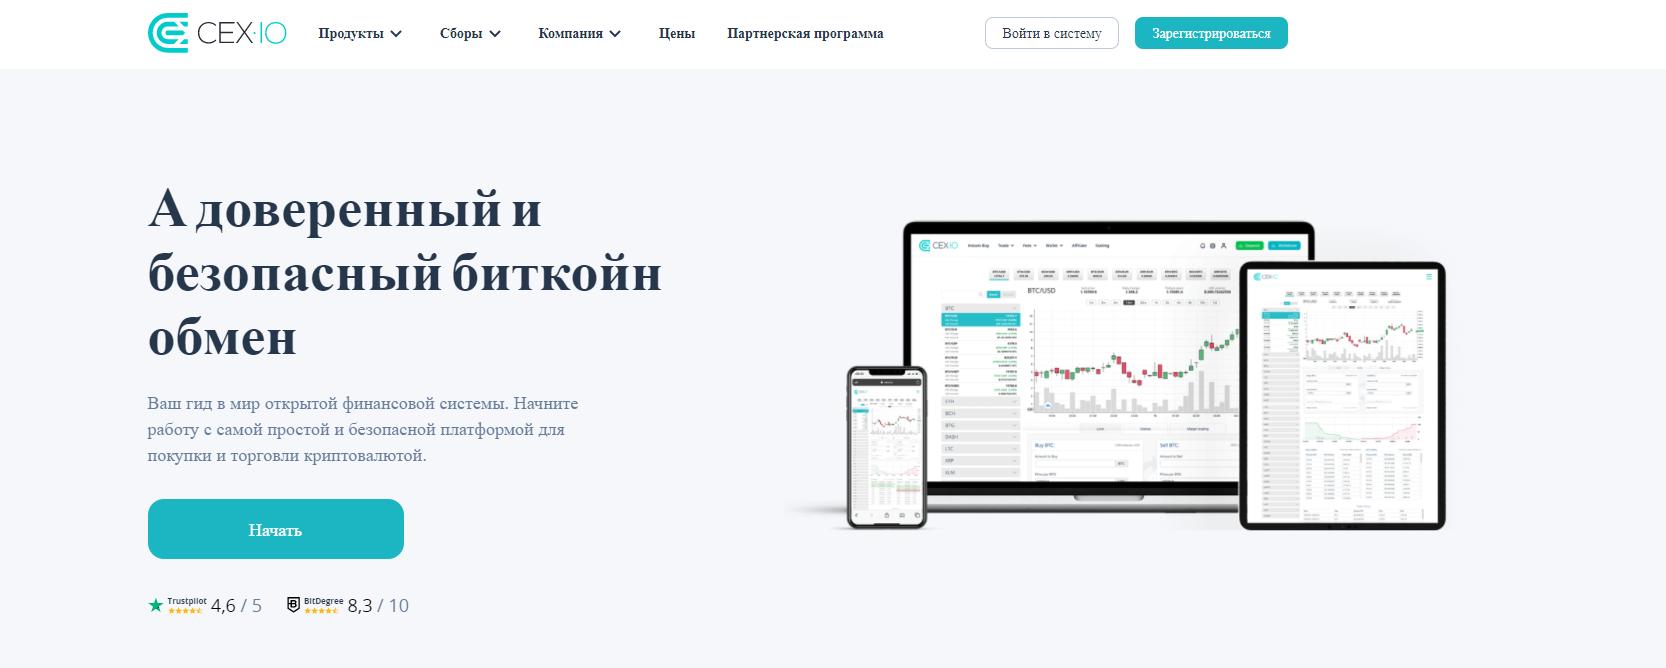 Сайт Cex.io